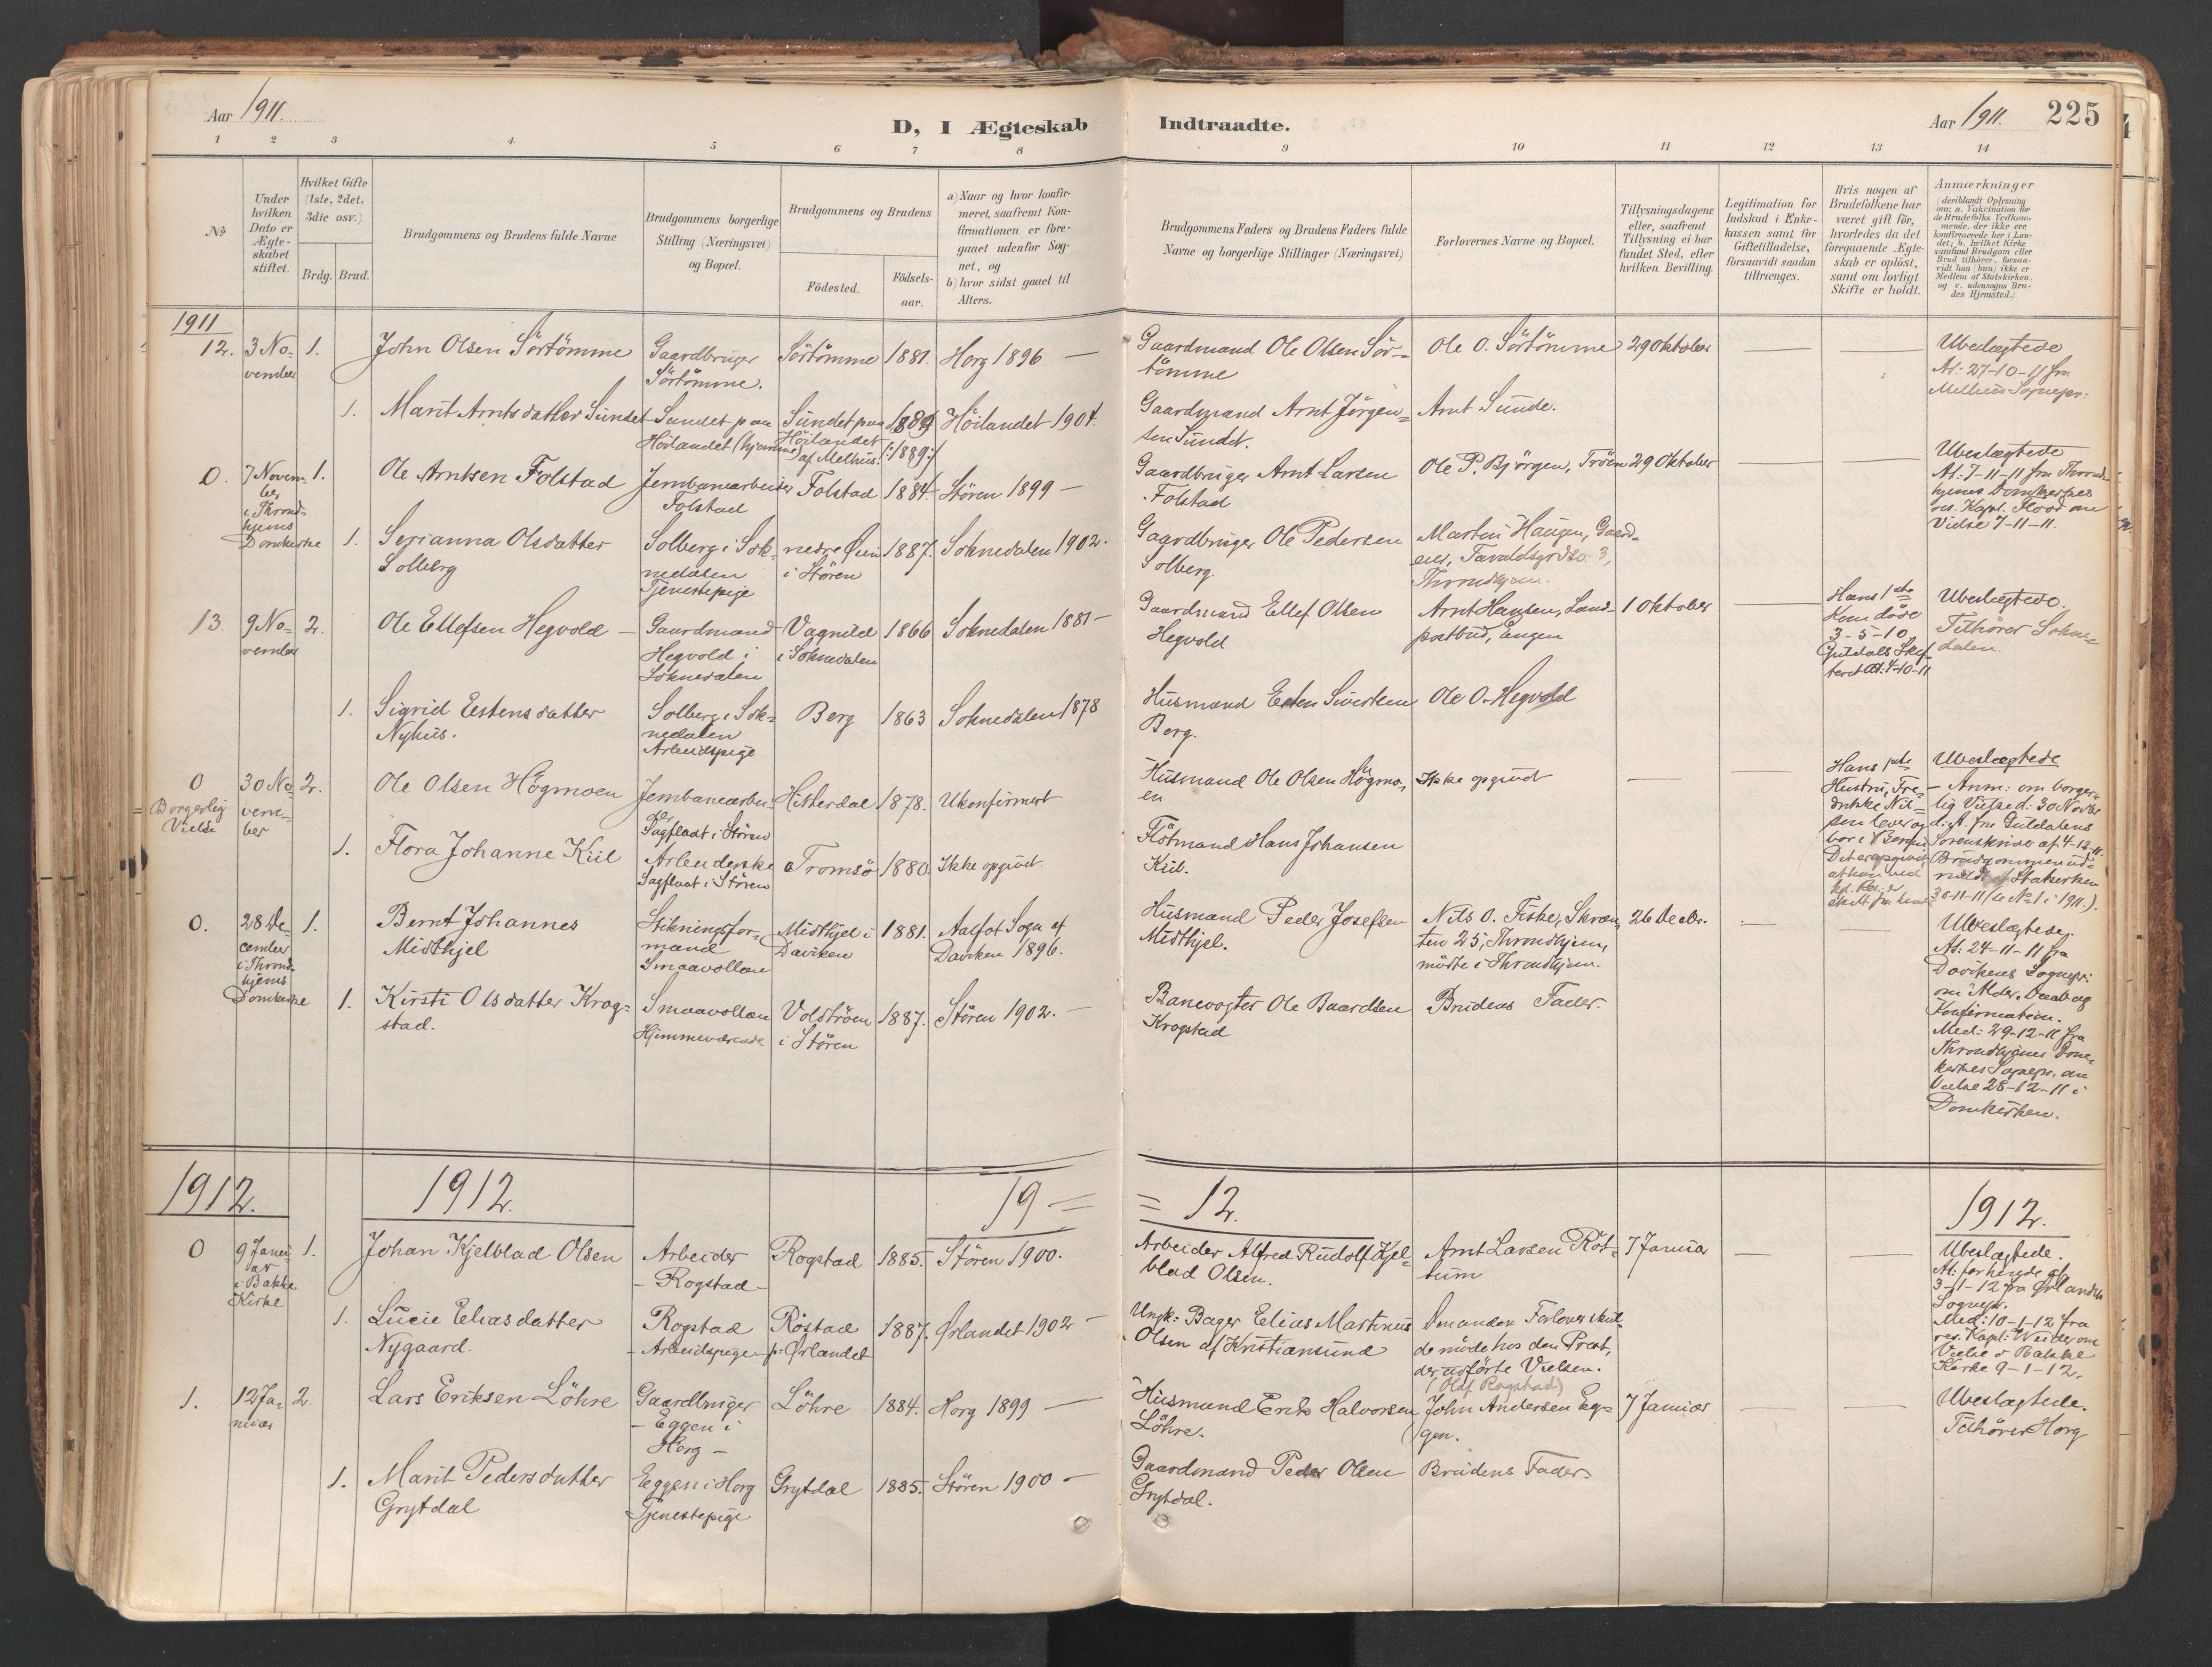 SAT, Ministerialprotokoller, klokkerbøker og fødselsregistre - Sør-Trøndelag, 687/L1004: Ministerialbok nr. 687A10, 1891-1923, s. 225